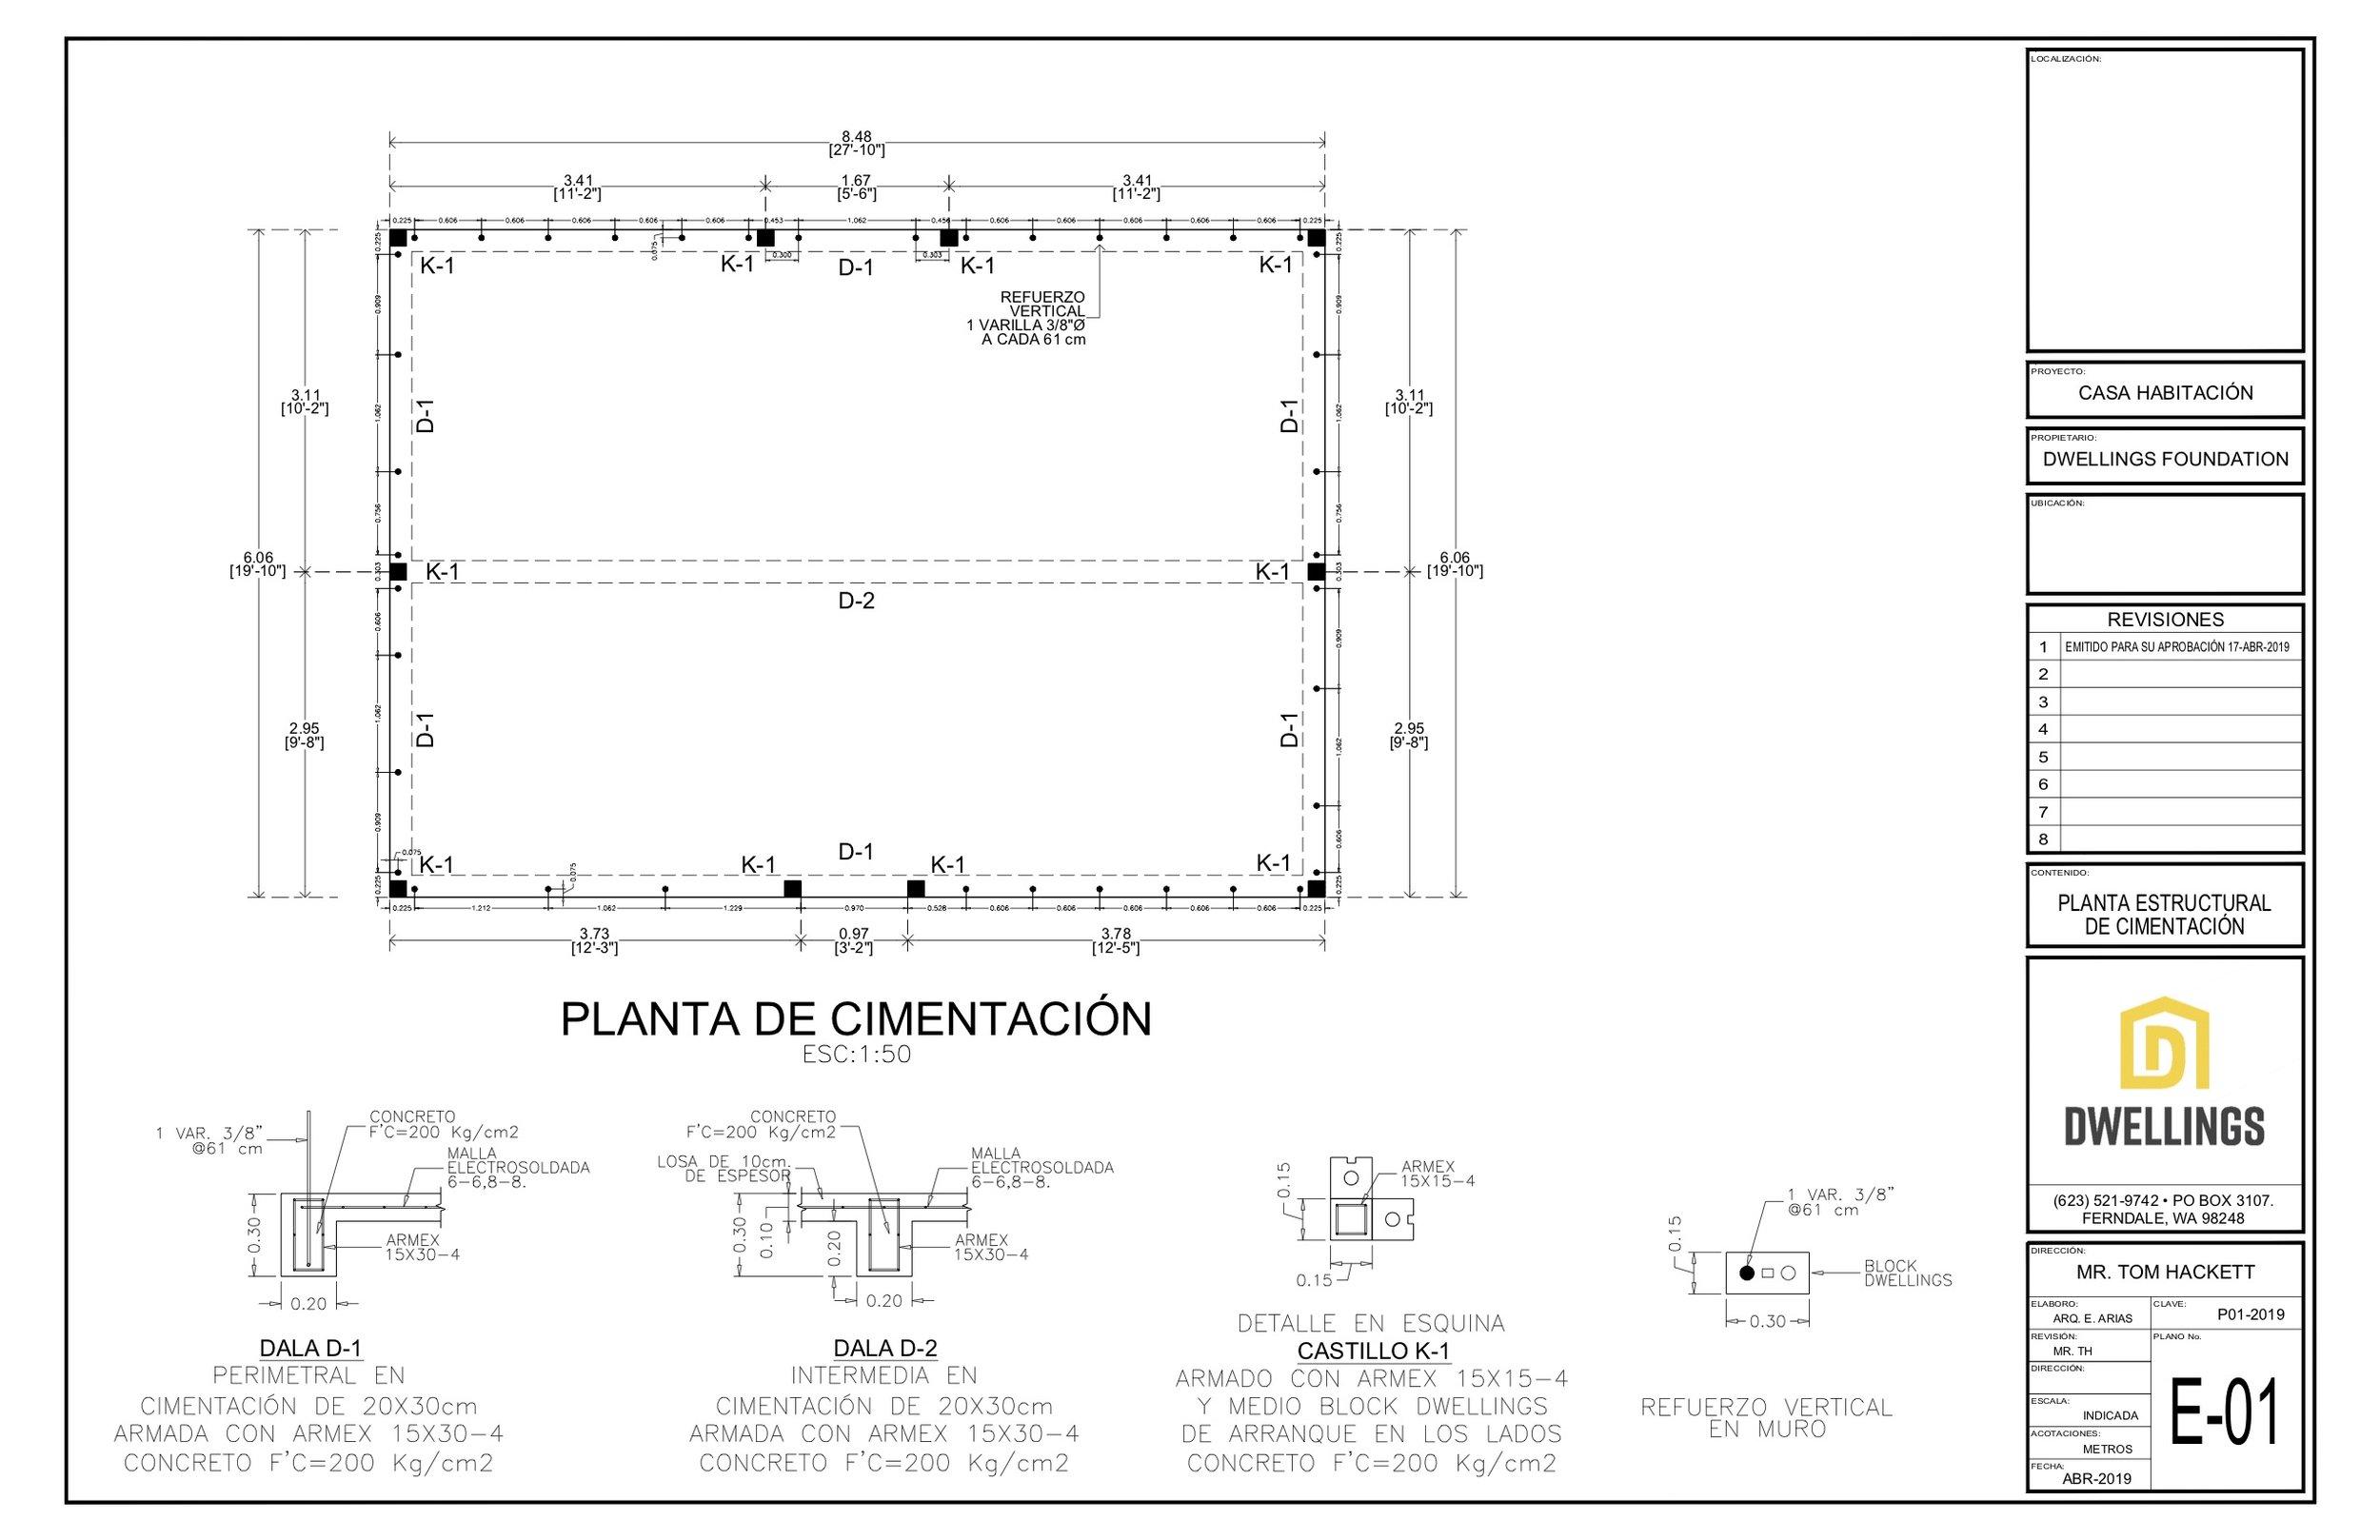 E-01 Planta Estructural de Cimentación.jpg